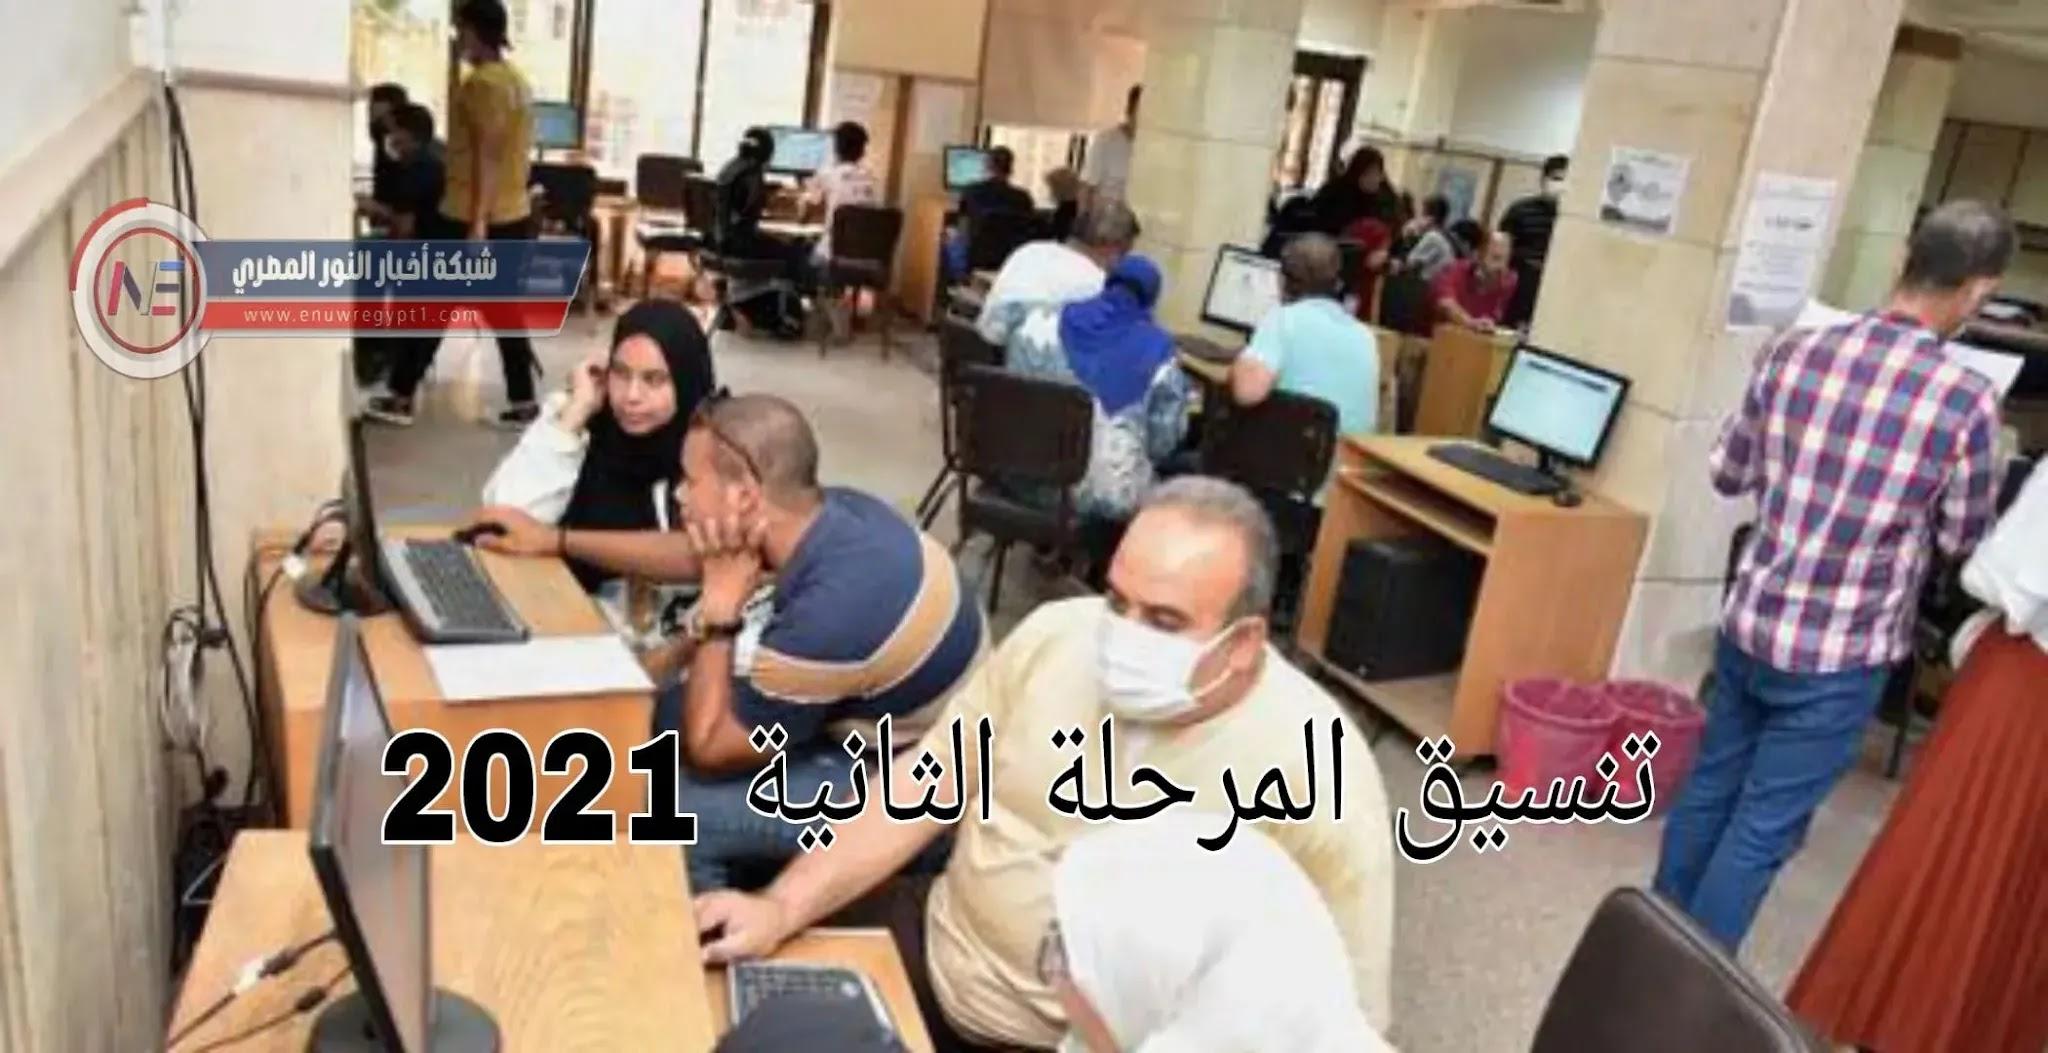 نتيجة تنسيق المرحلة الثانية علمي و أدبي و الكليات المتاحة 2021 تنسيق ونسب القبول في الجامعات المصرية عبر بوابة التنسيق الالكتروني